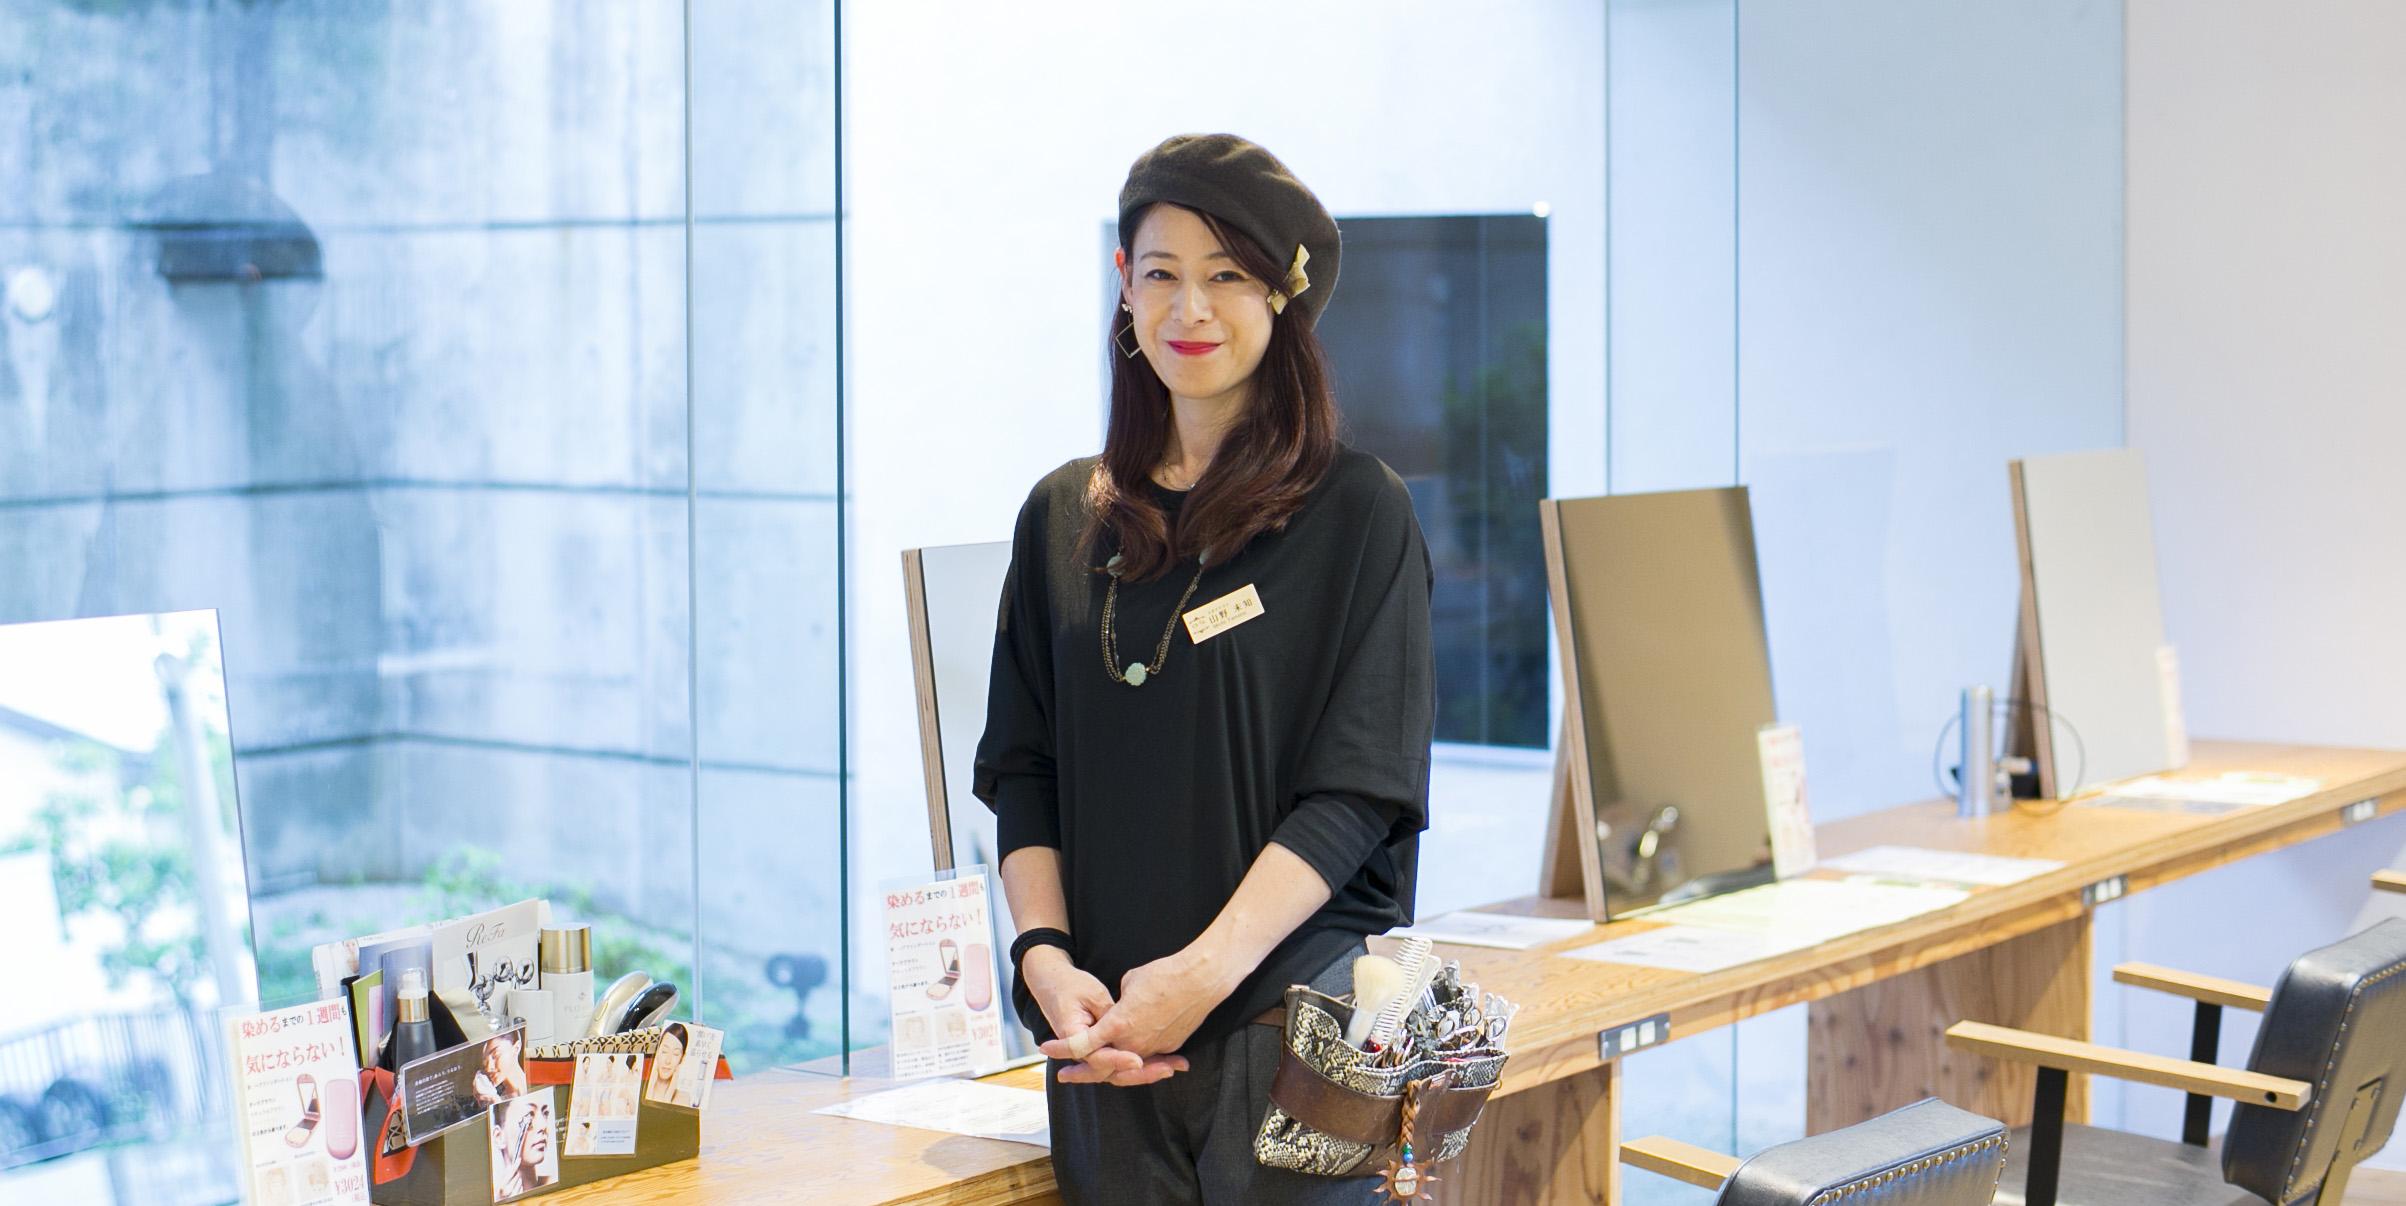 山野未知さん/3度の出産、2度の育児専念期間を経験。 20年のママ美容師人生で見えた景色とは。